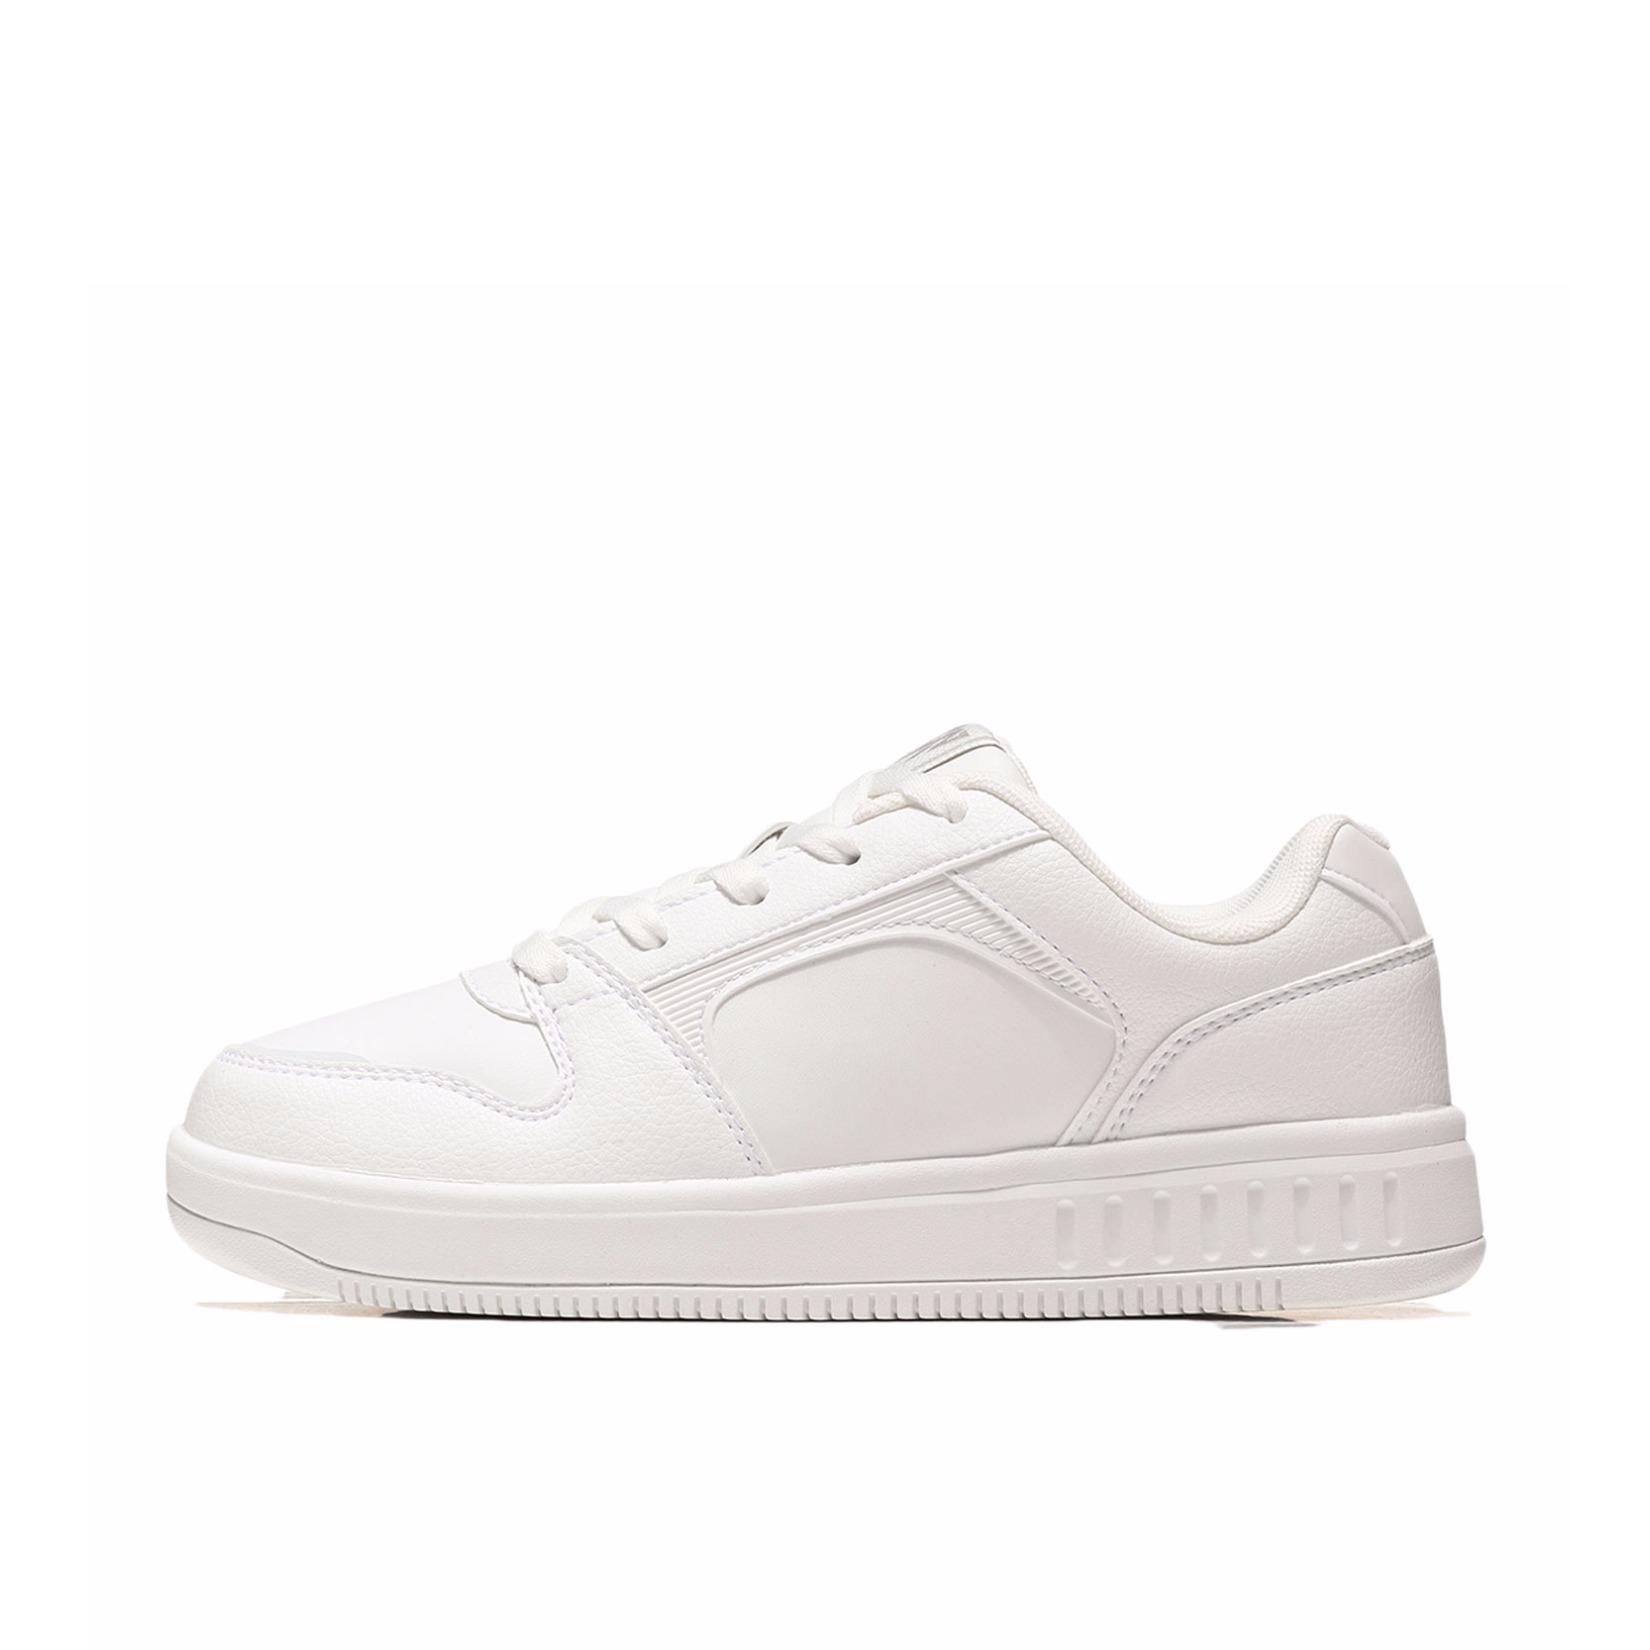 贵人鸟 篮球文化鞋 L75620